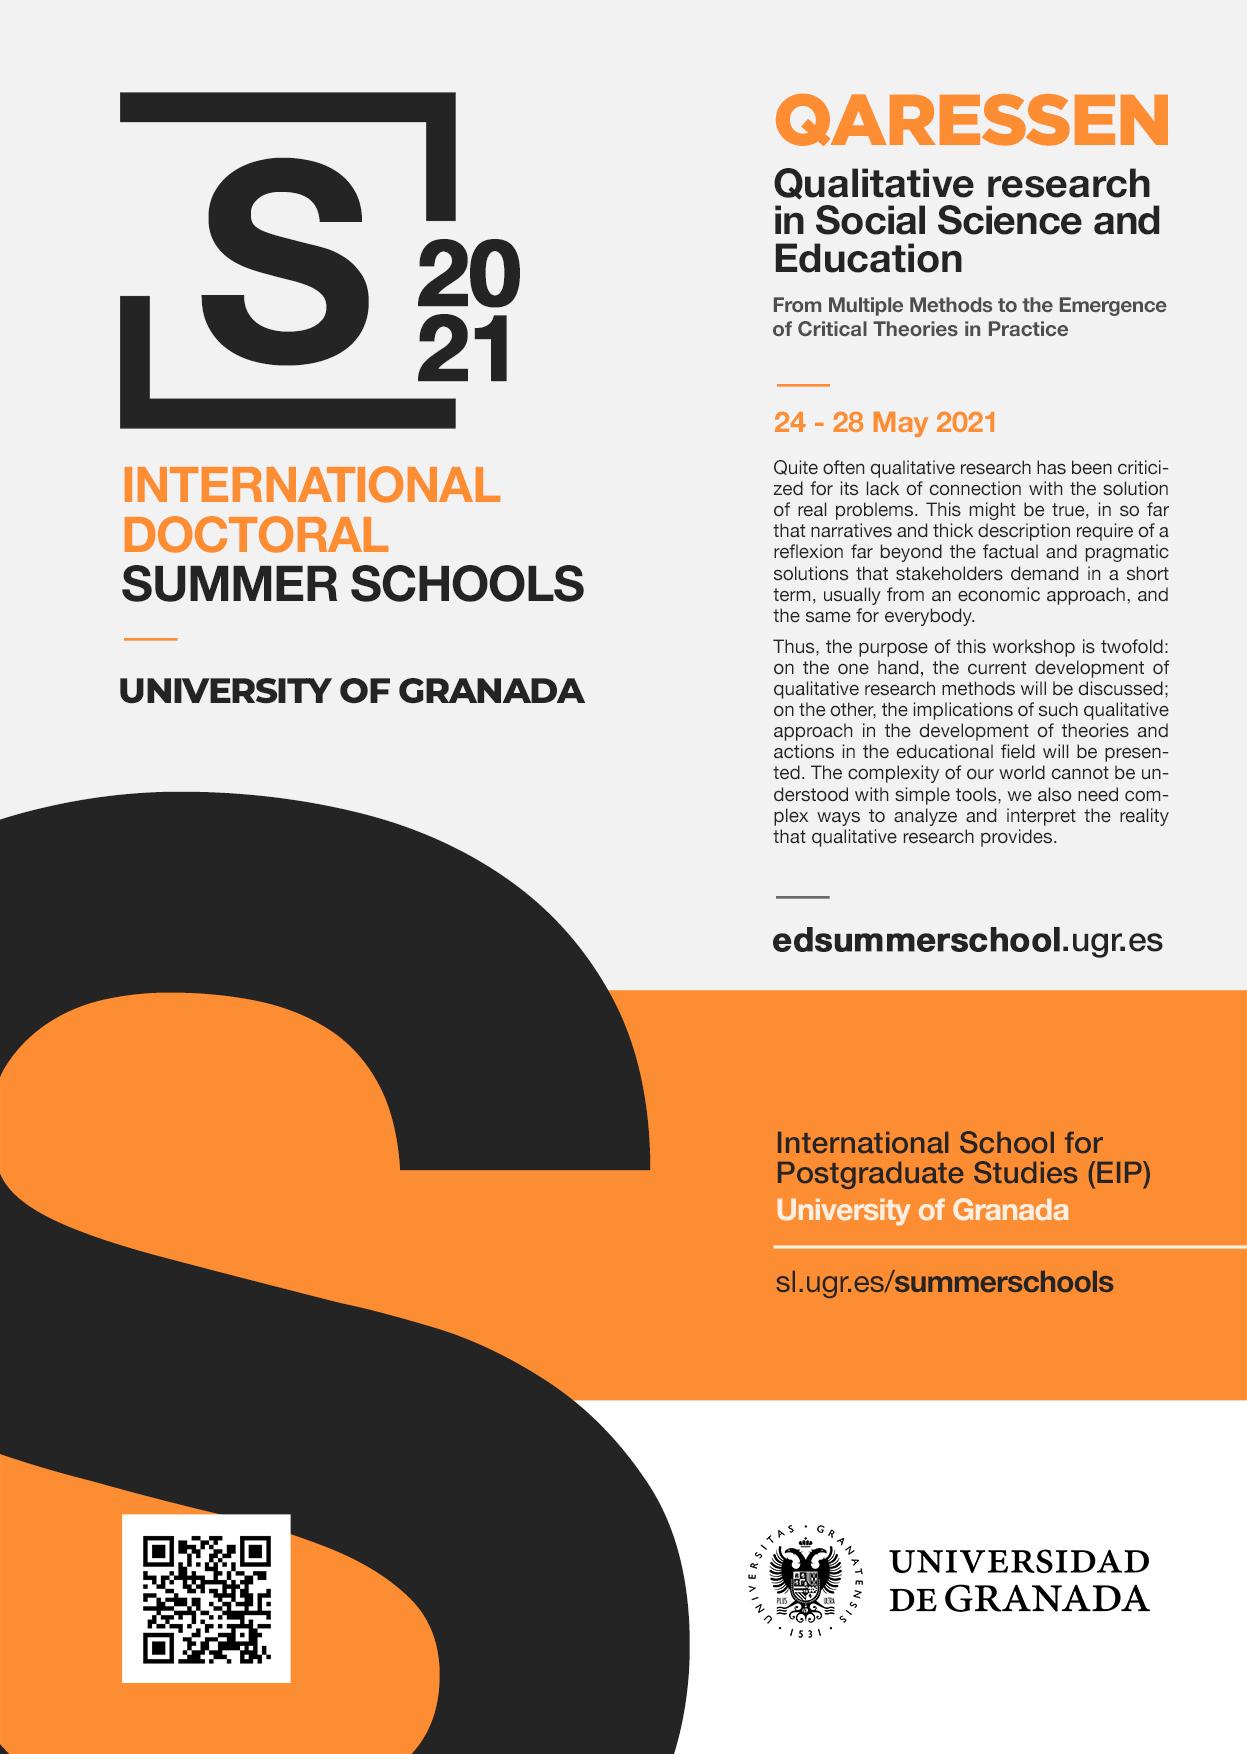 La UGR presenta la primera Escuela Internacional de Doctorado de Ciencias de la Educación